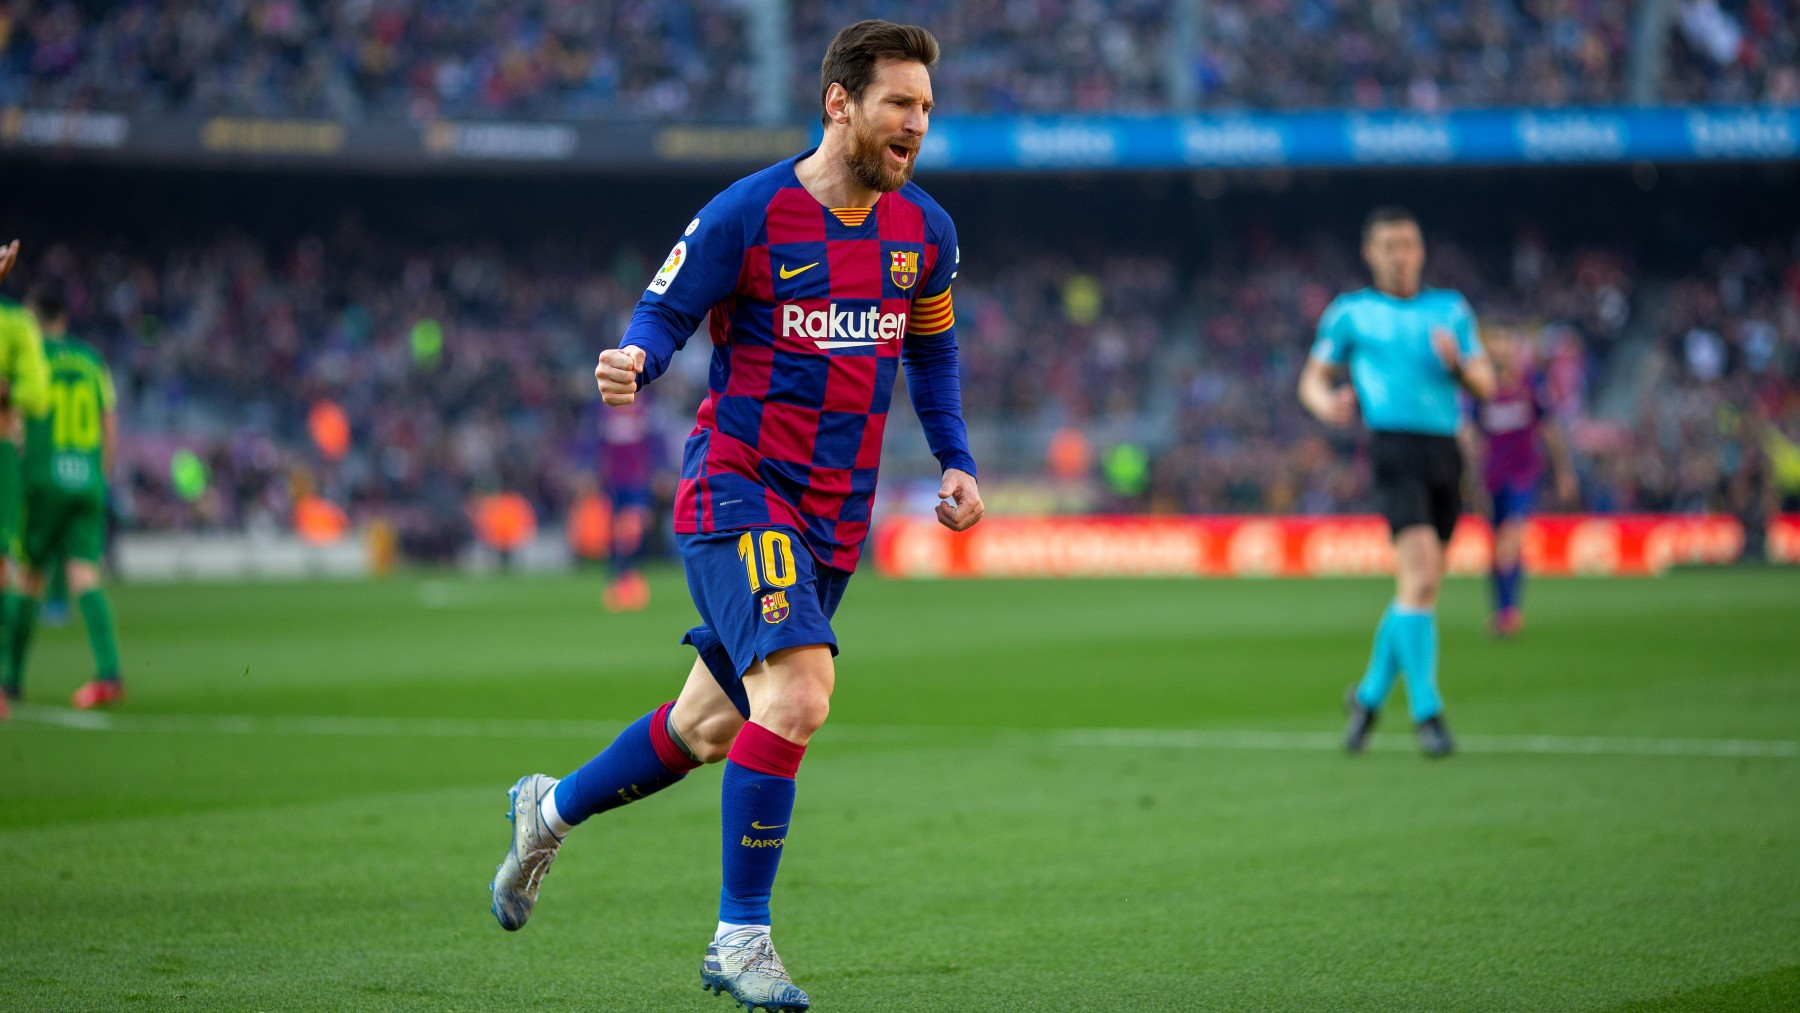 Lionel Messi celebrates goal